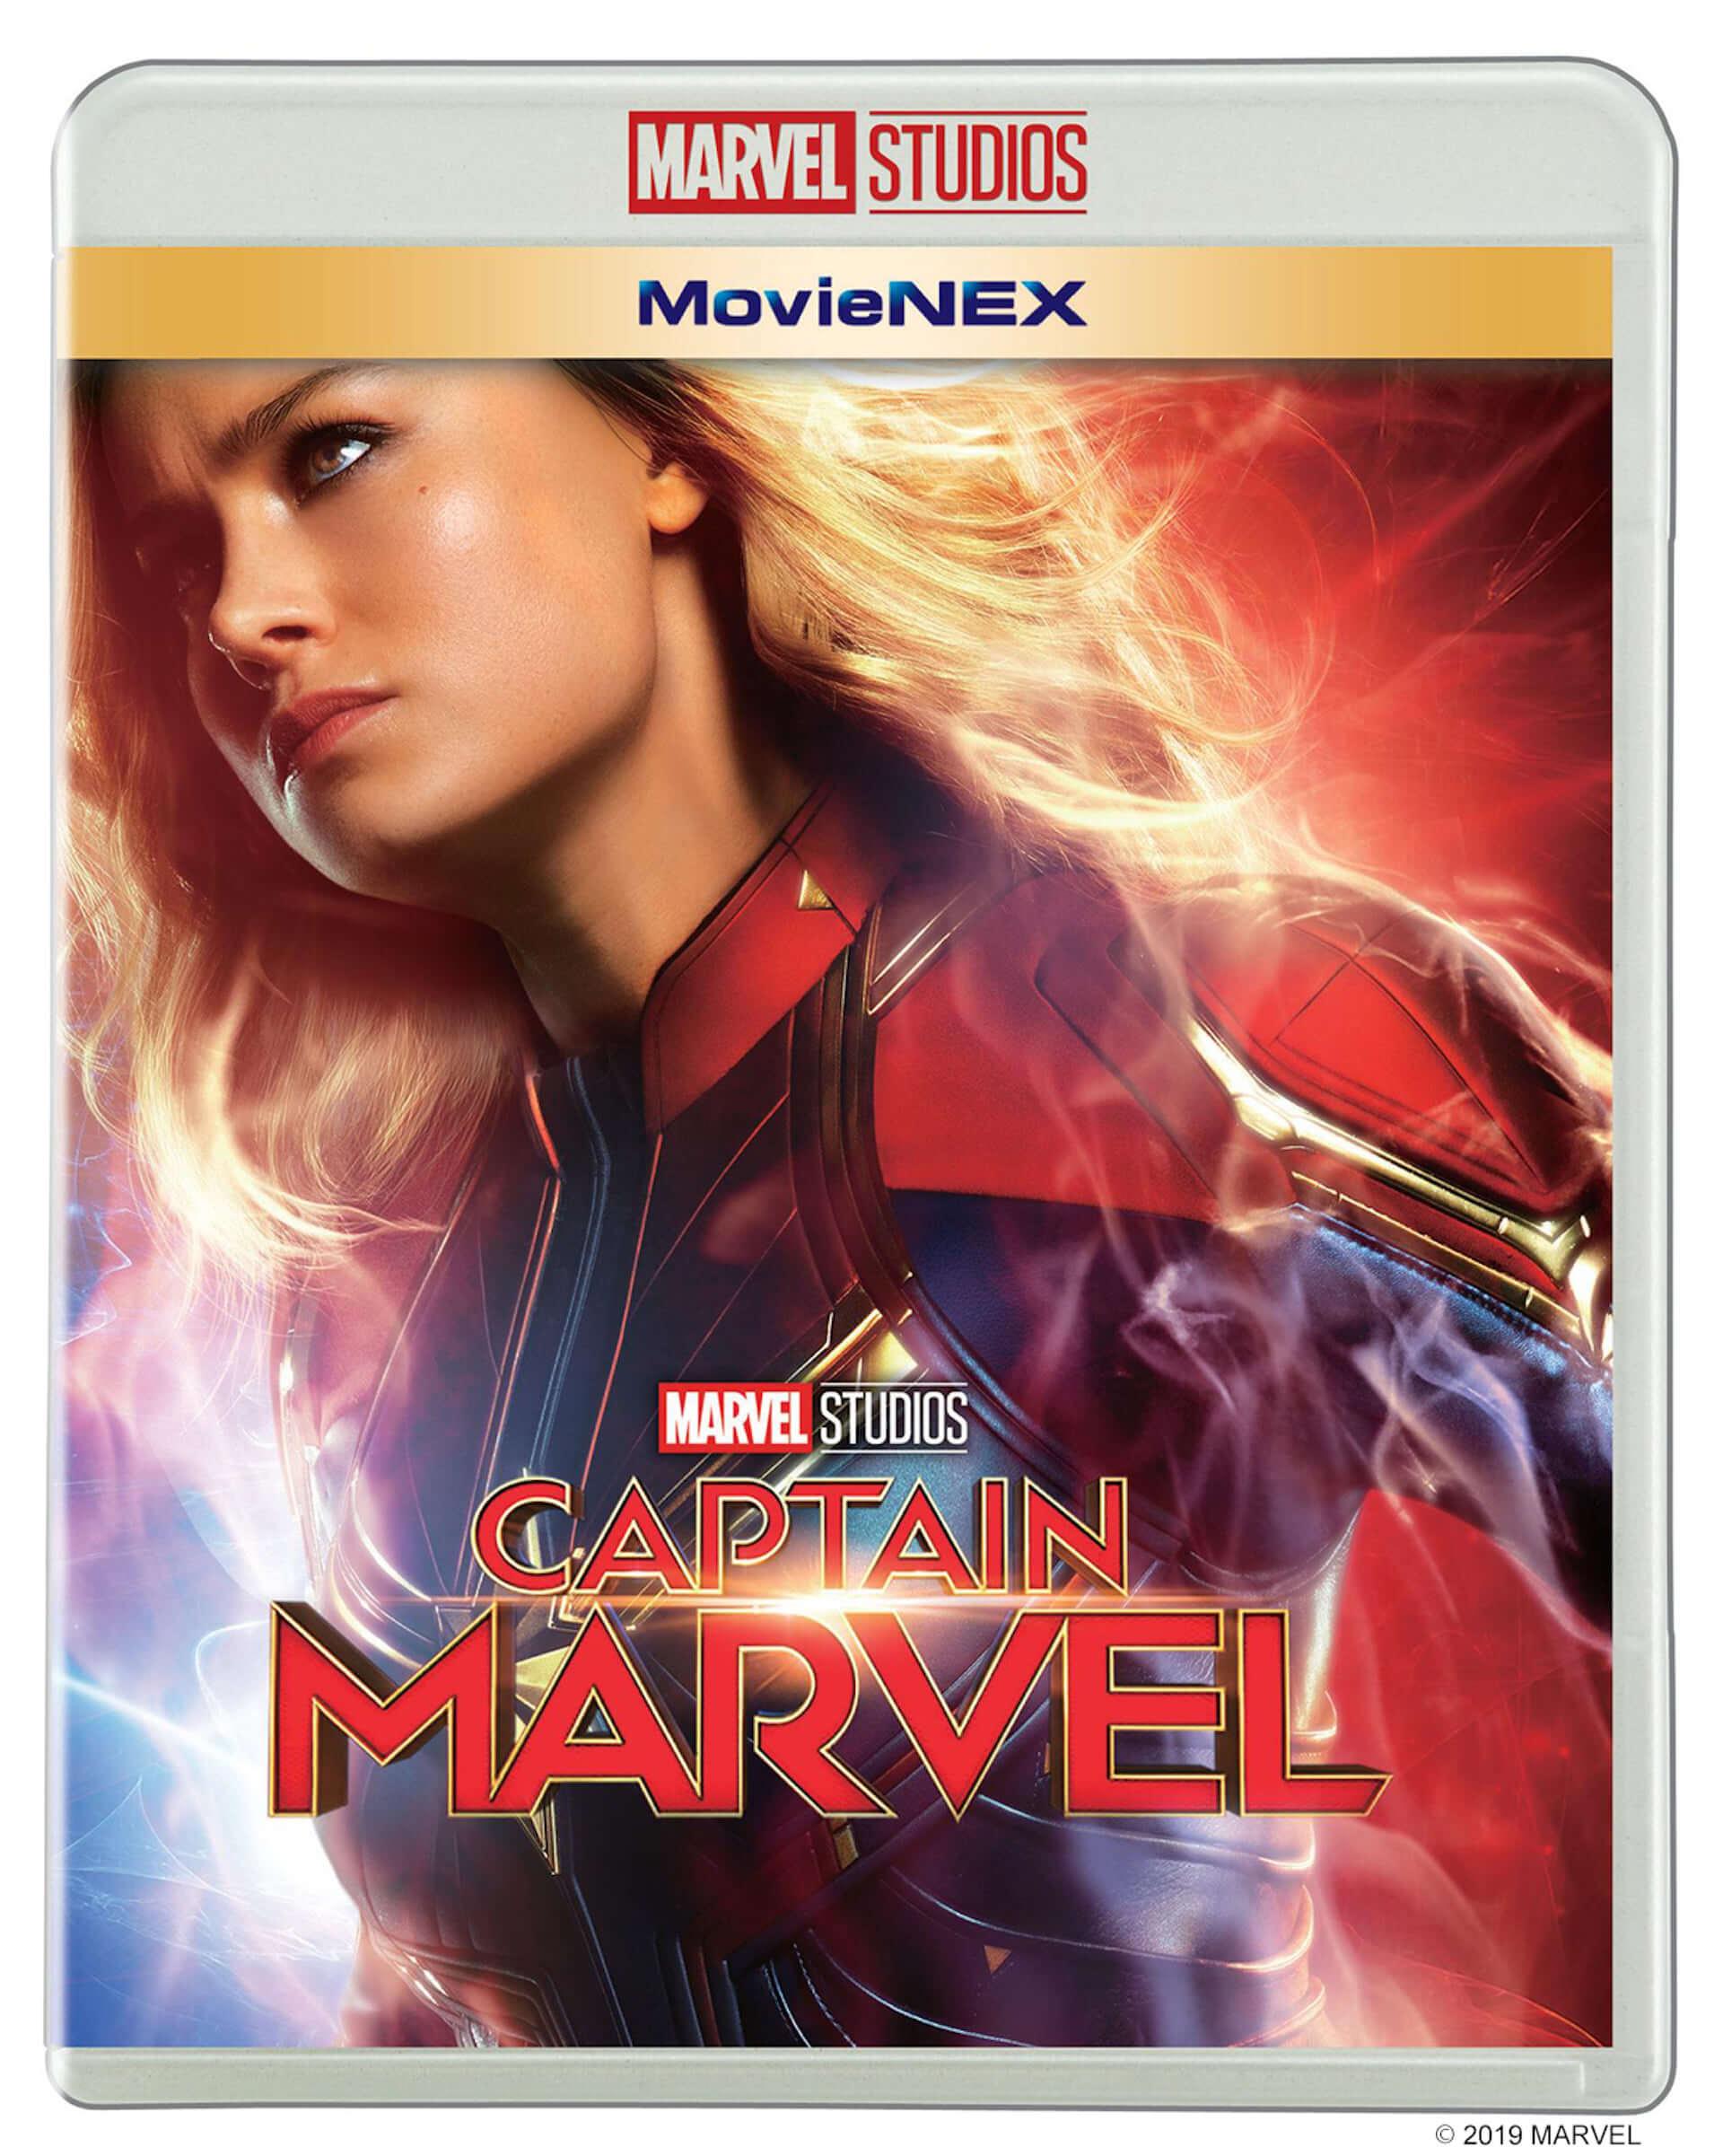 『キャプテン・マーベル』サミュエル・L・ジャクソンがMCUシリーズを解説する映像が解禁! film190703_captainmarvel_samuel_1-1920x2402